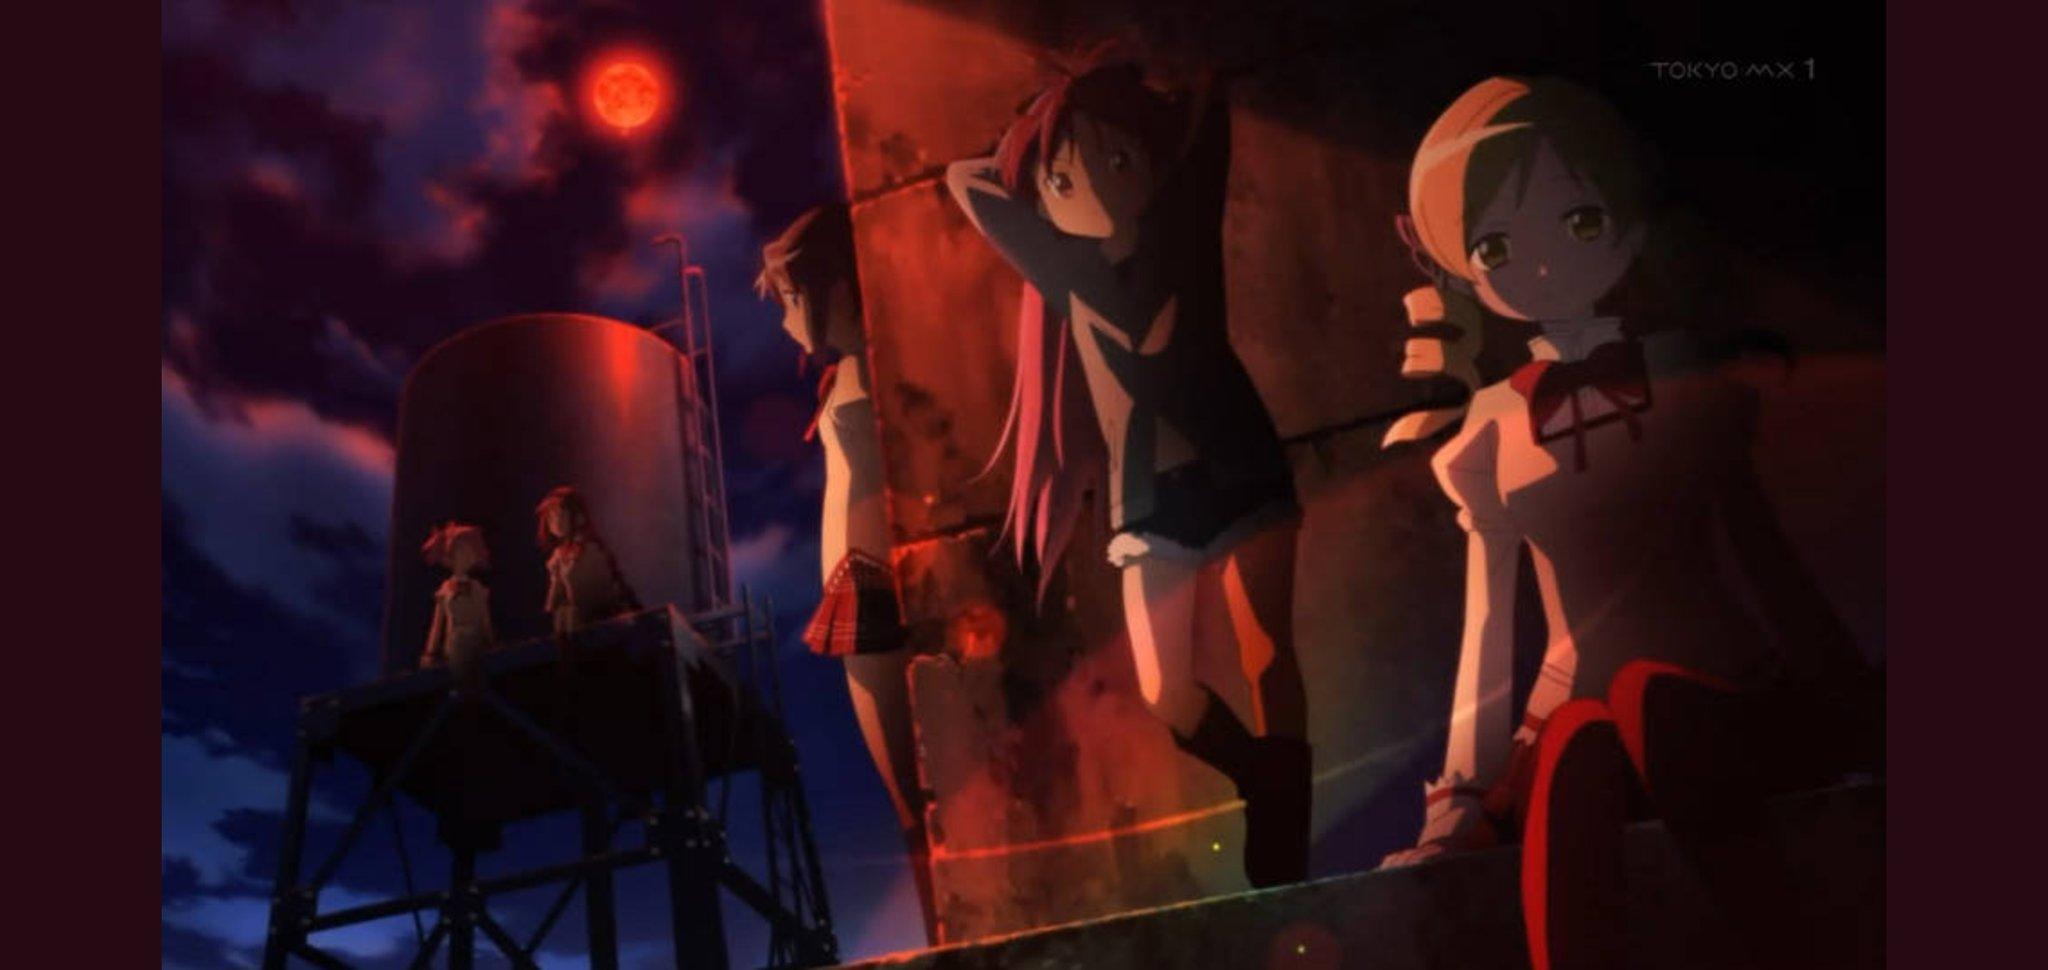 『マギアレコード 魔法少女まどか☆マギカ外伝』前回の第1話のあらすじと振り返り